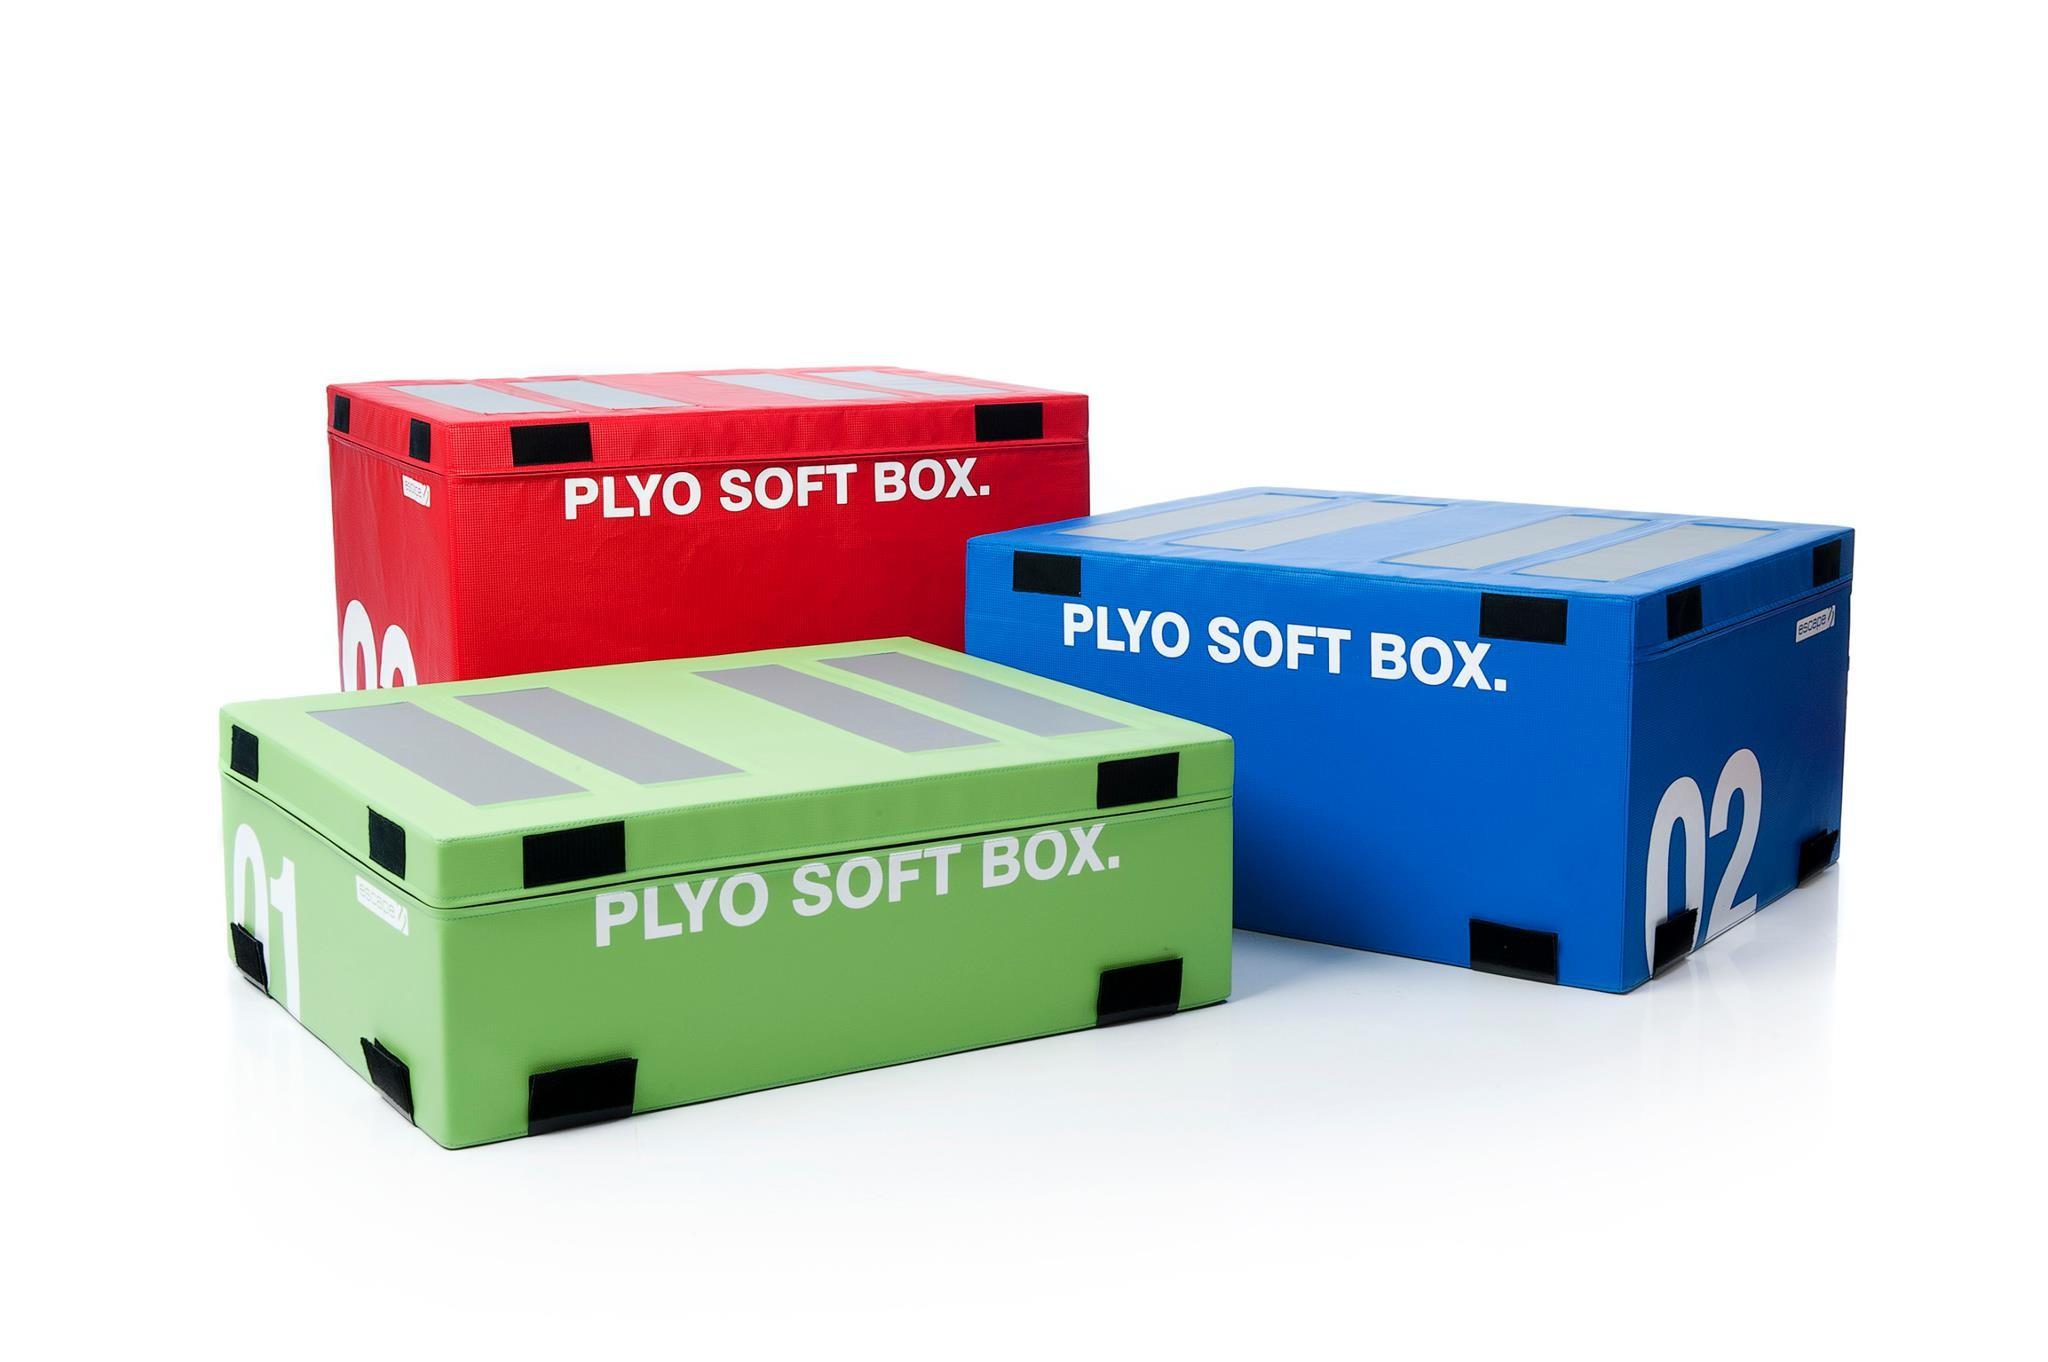 Reebok plyo soft boxes set